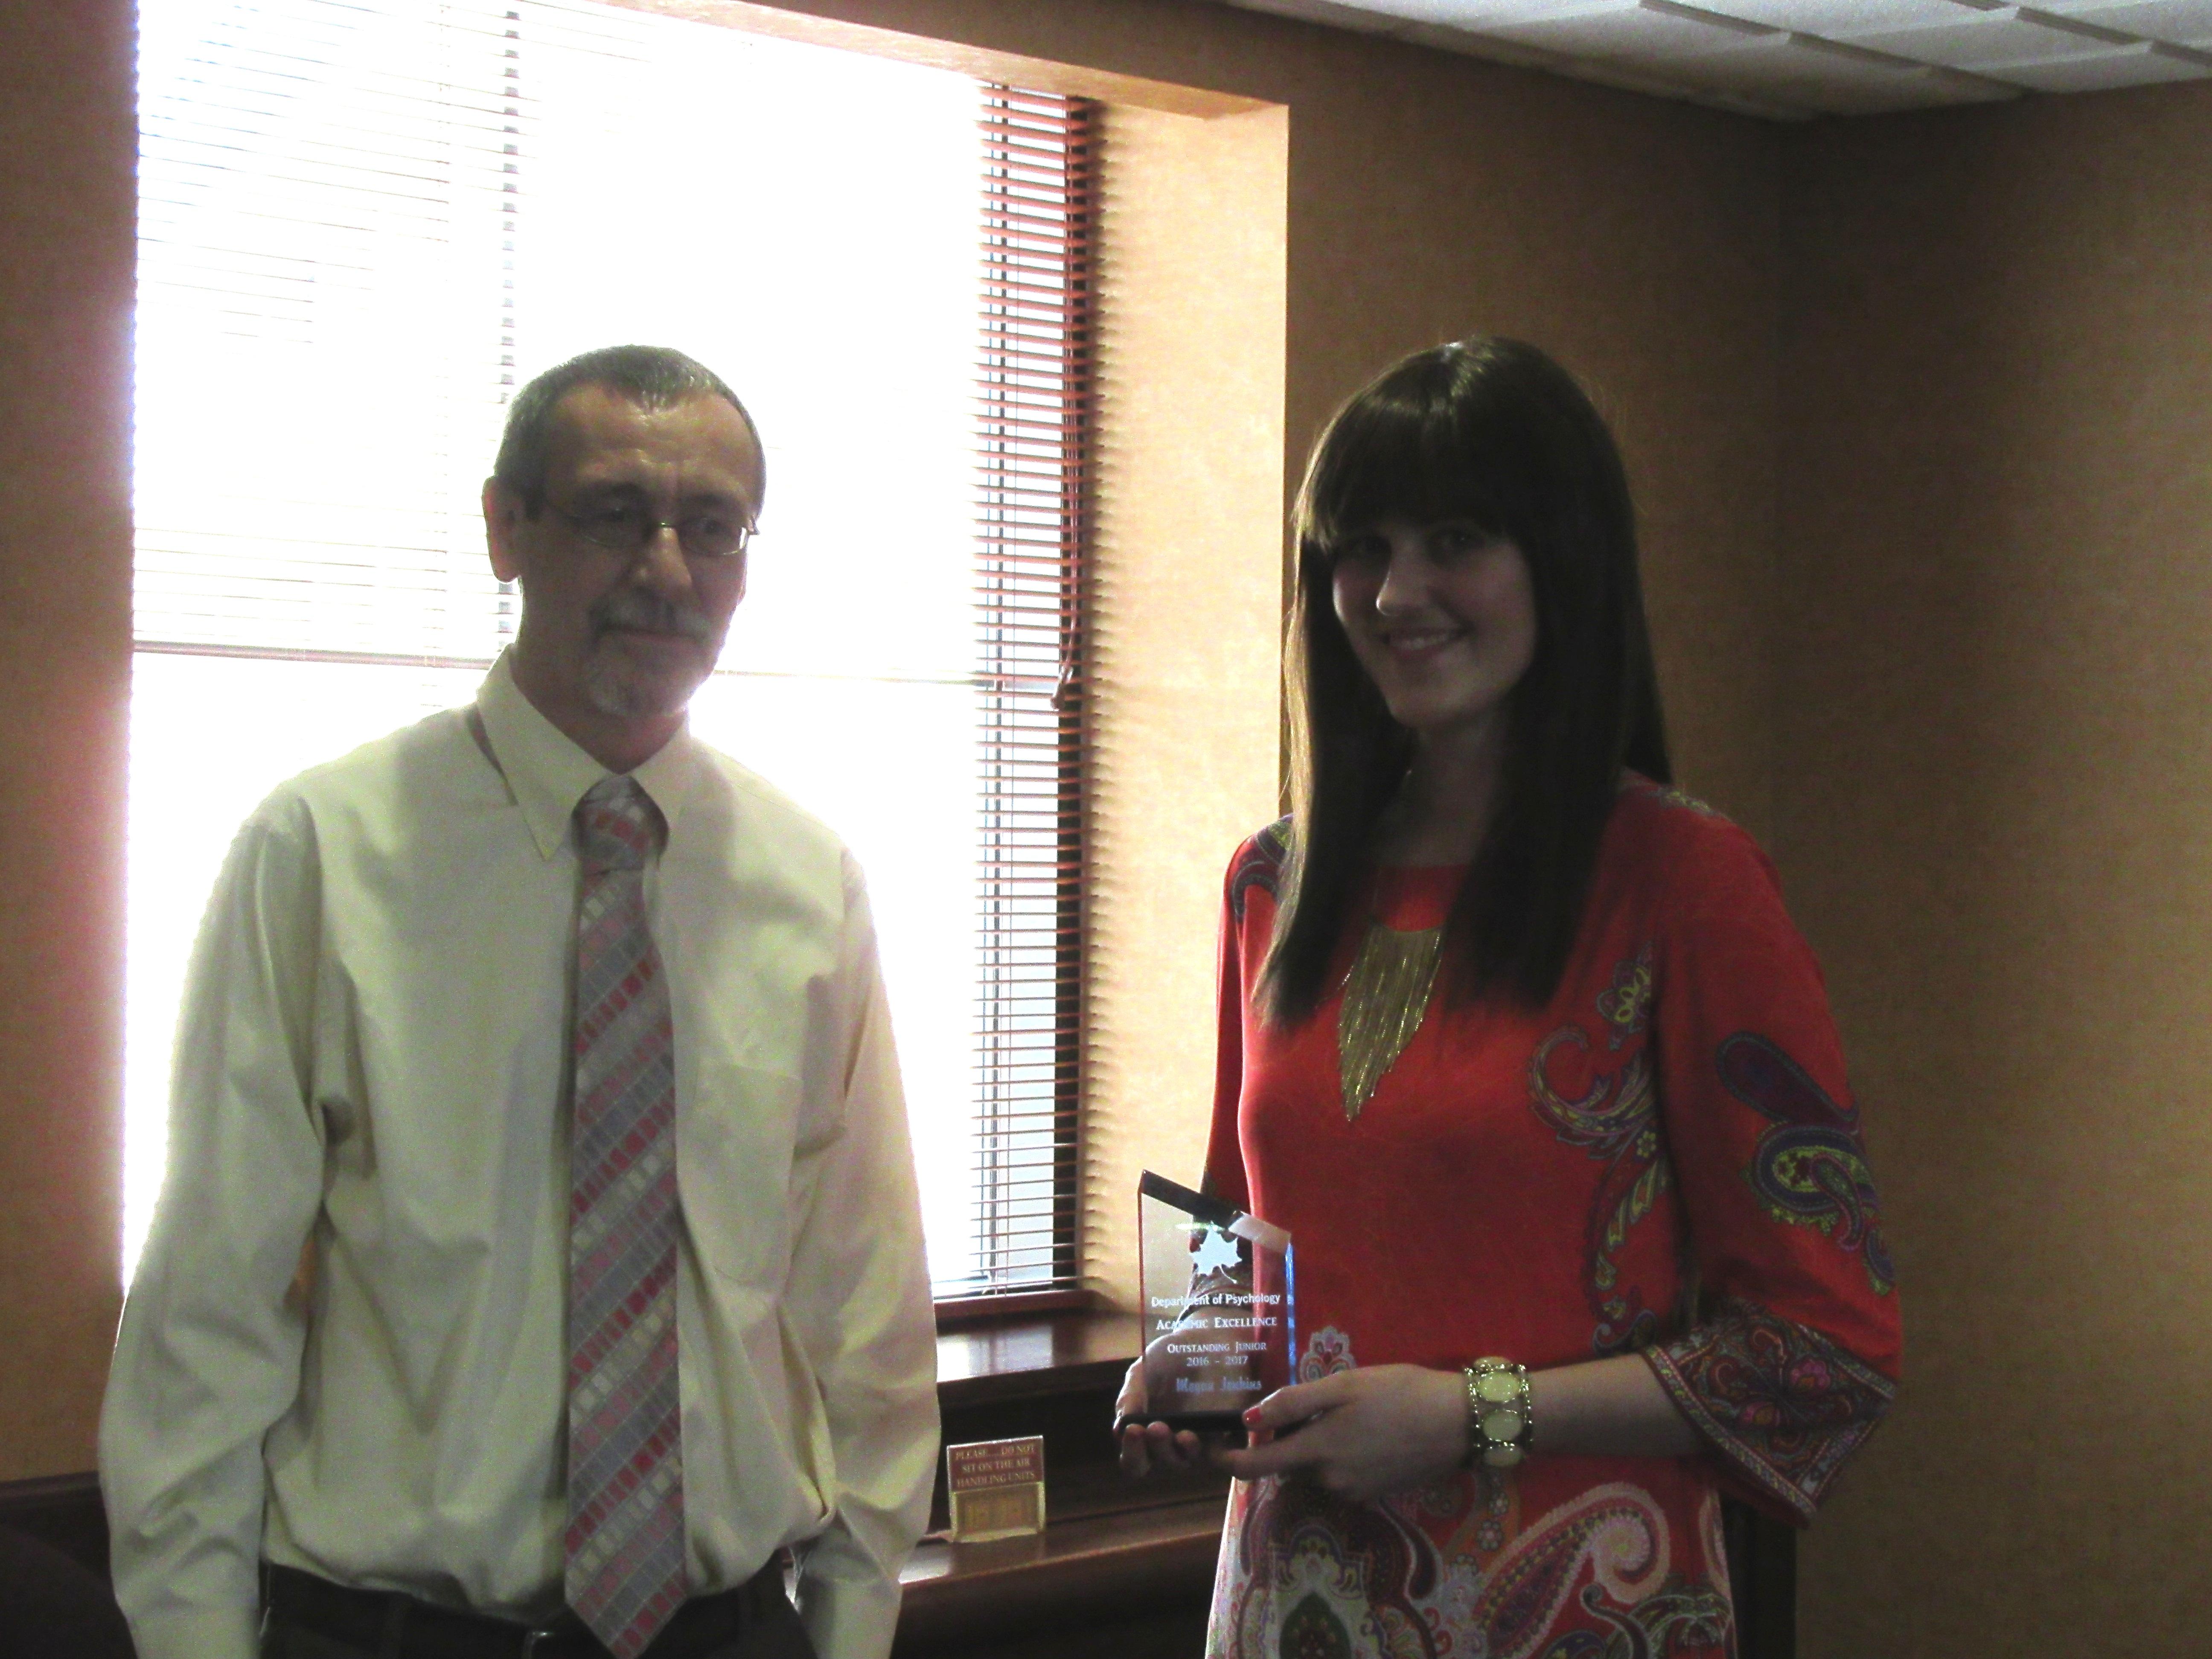 Dr. Sheets and Megan Jenkins